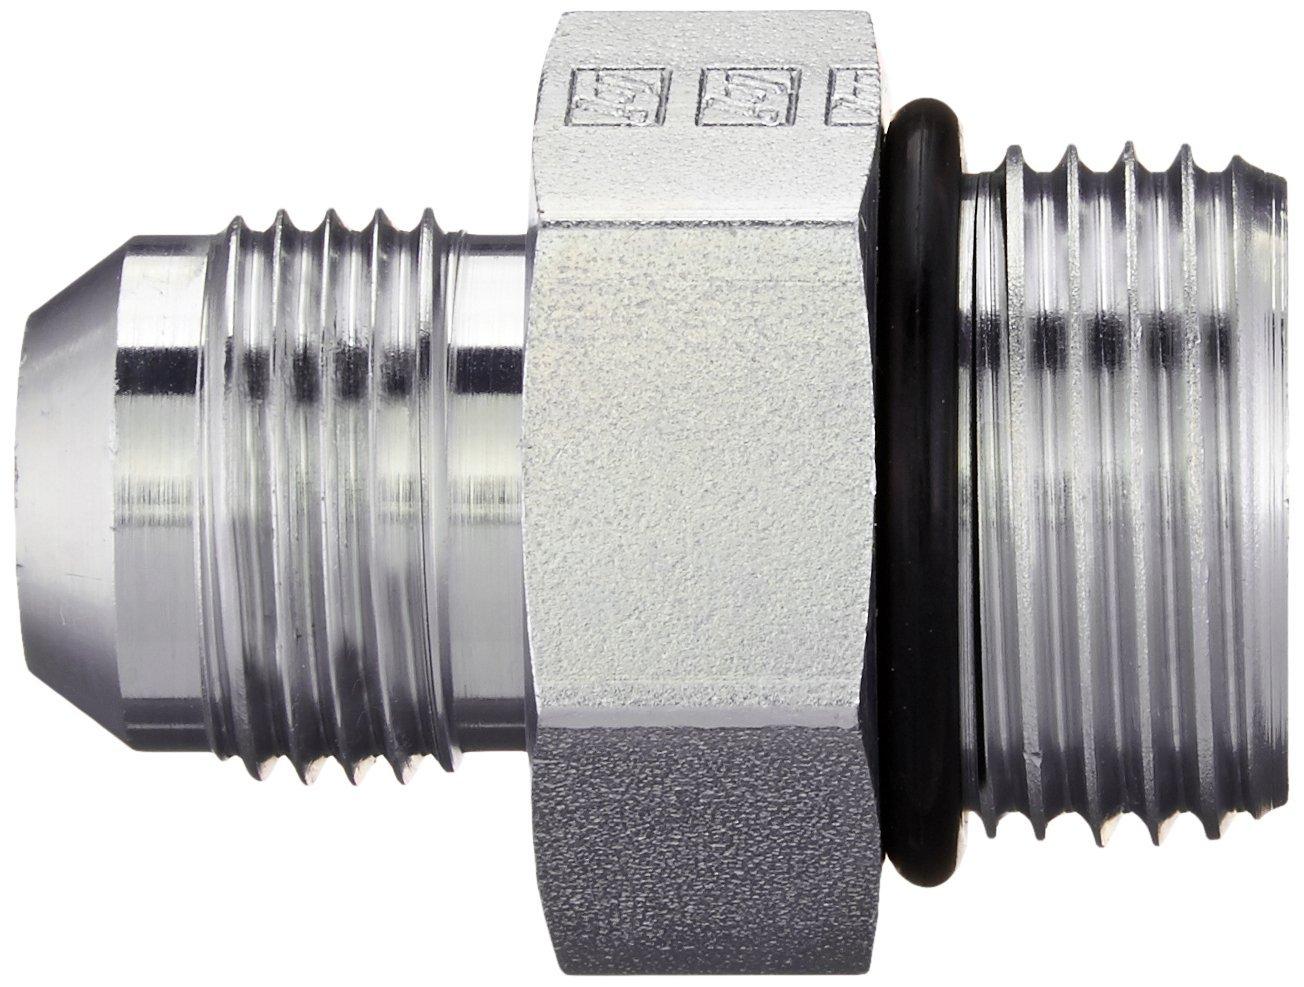 3//4 Tube OD JIC Male x 1-1//16-12 Male Straight Thread O-Ring Boss Straight Brennan 6400-12-12-O Steel JIC Flared Tube Fitting